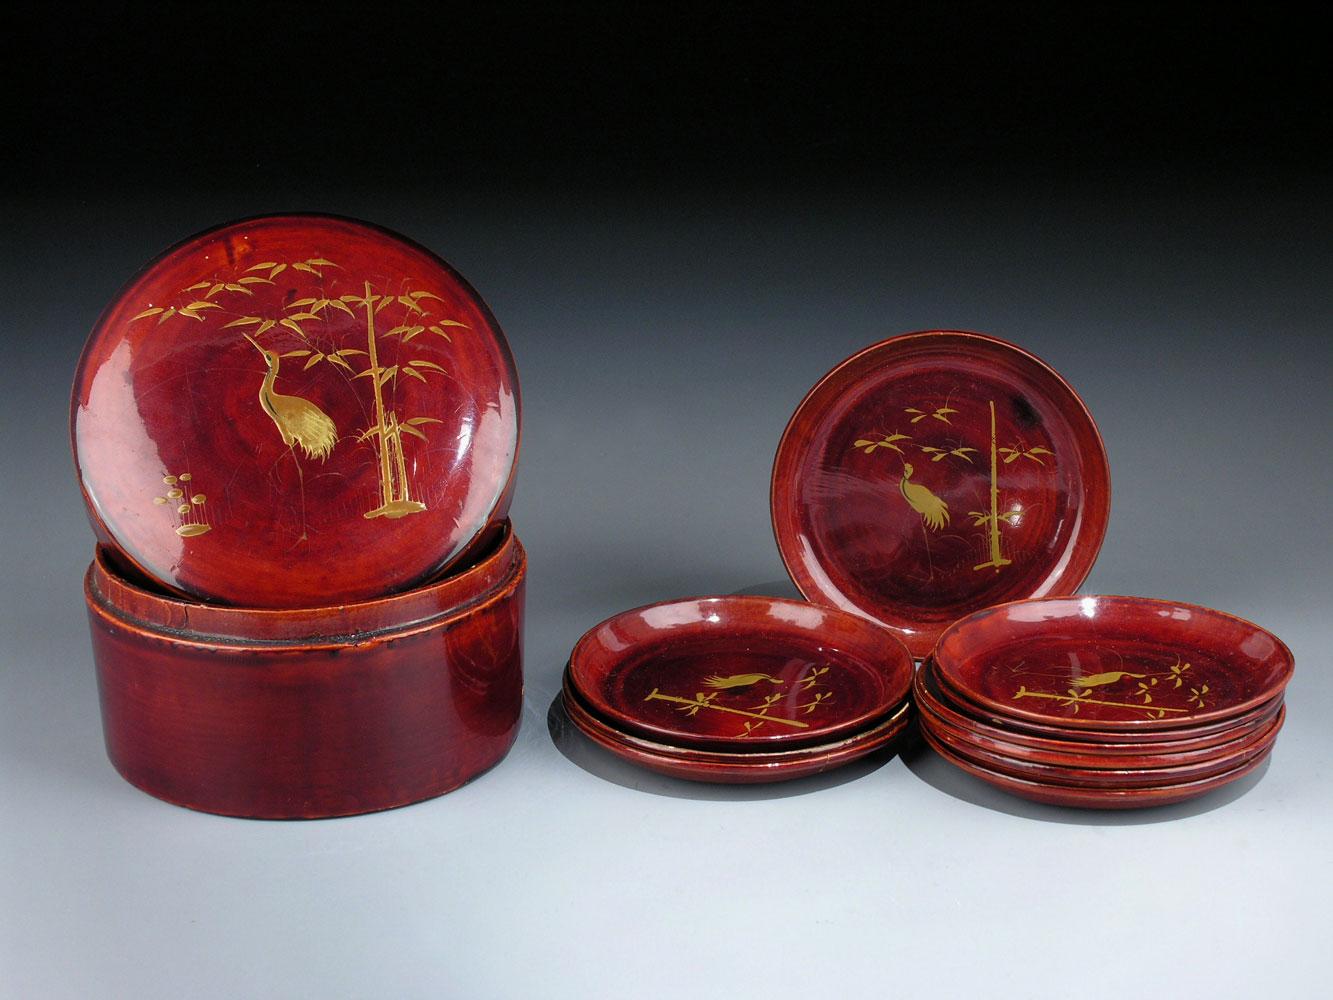 Runde japanische Lackdose mit zehn eingelegten Schalen